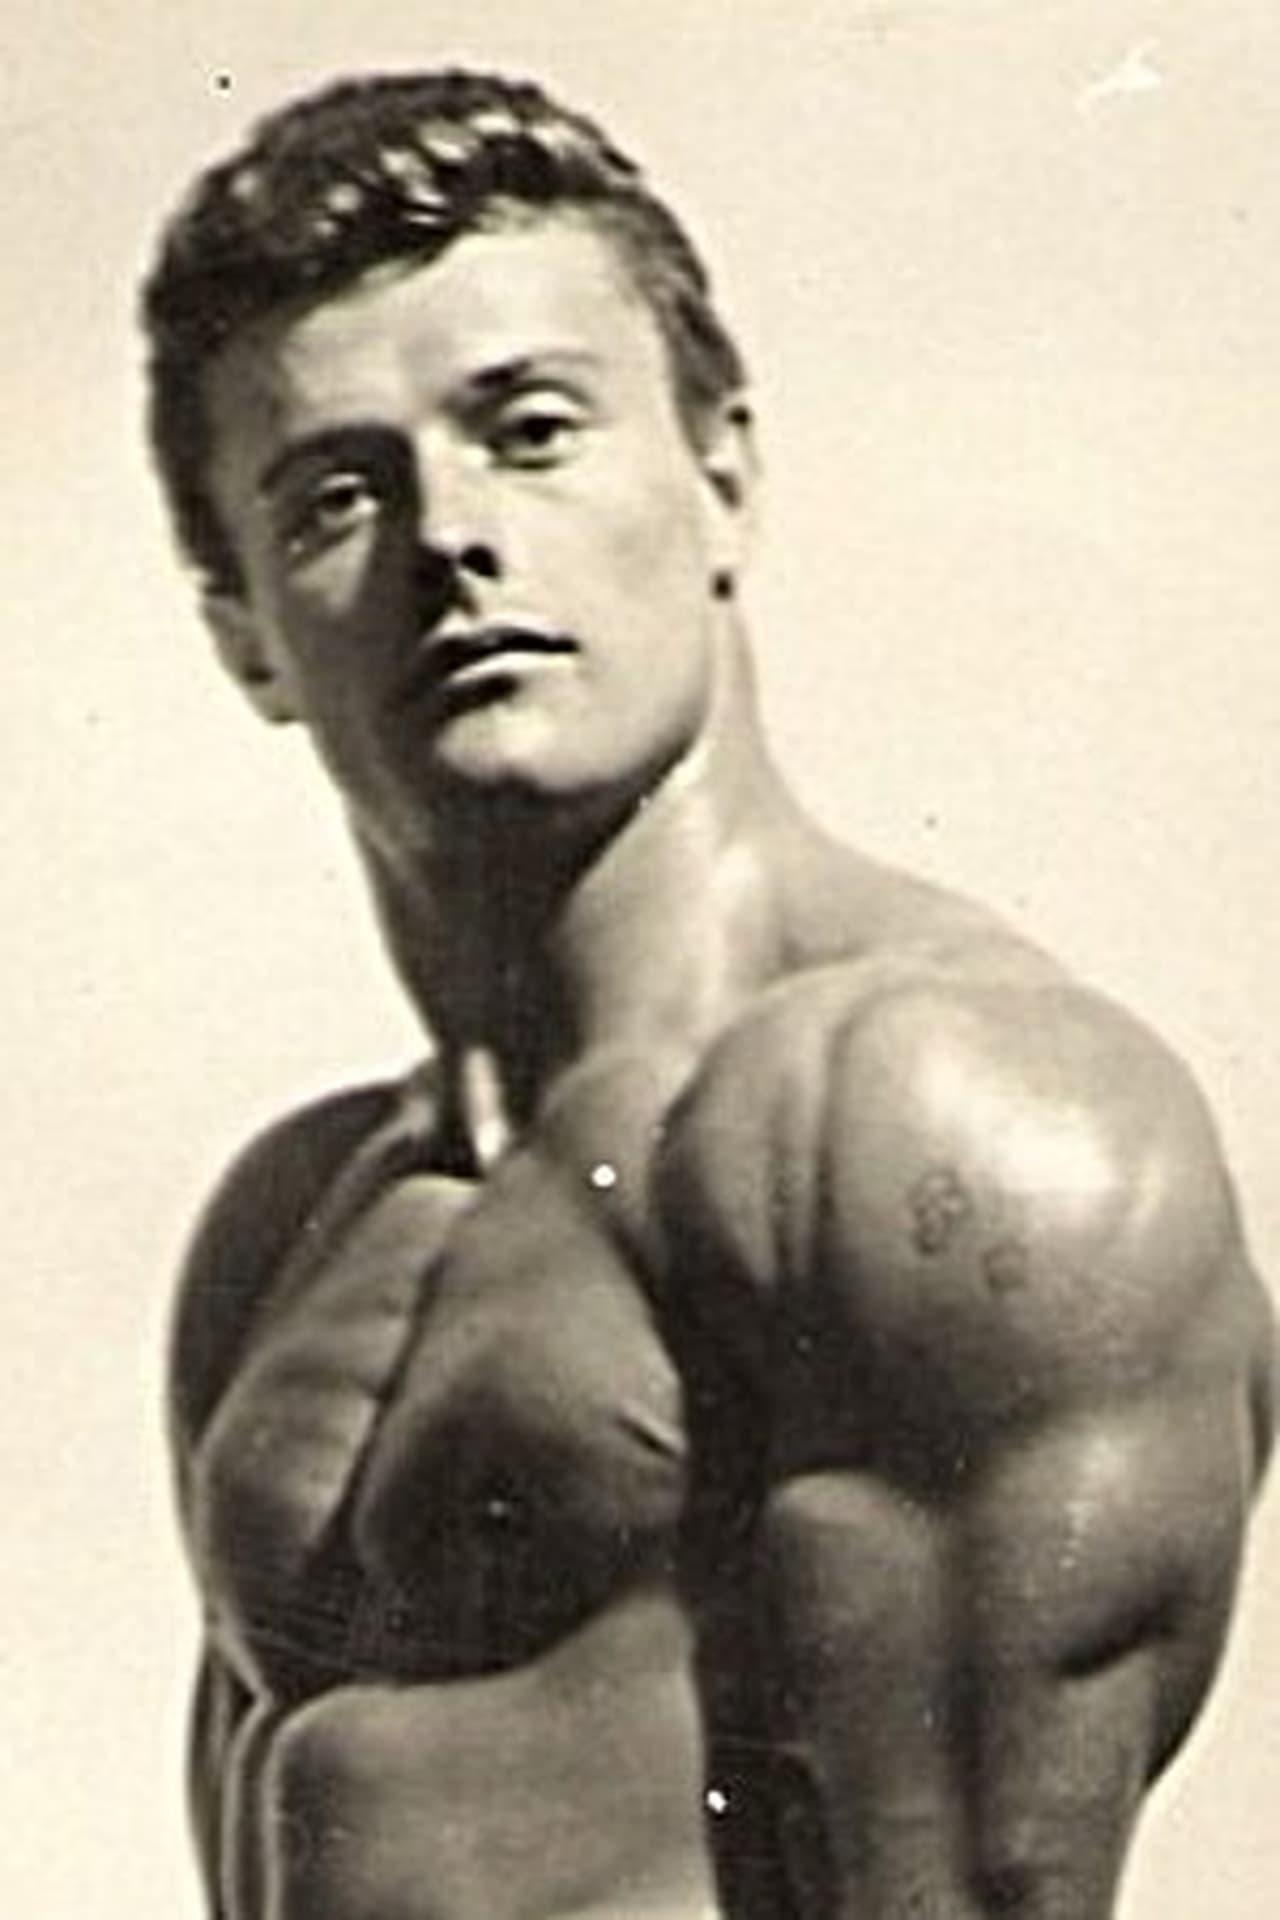 Robert Duranton